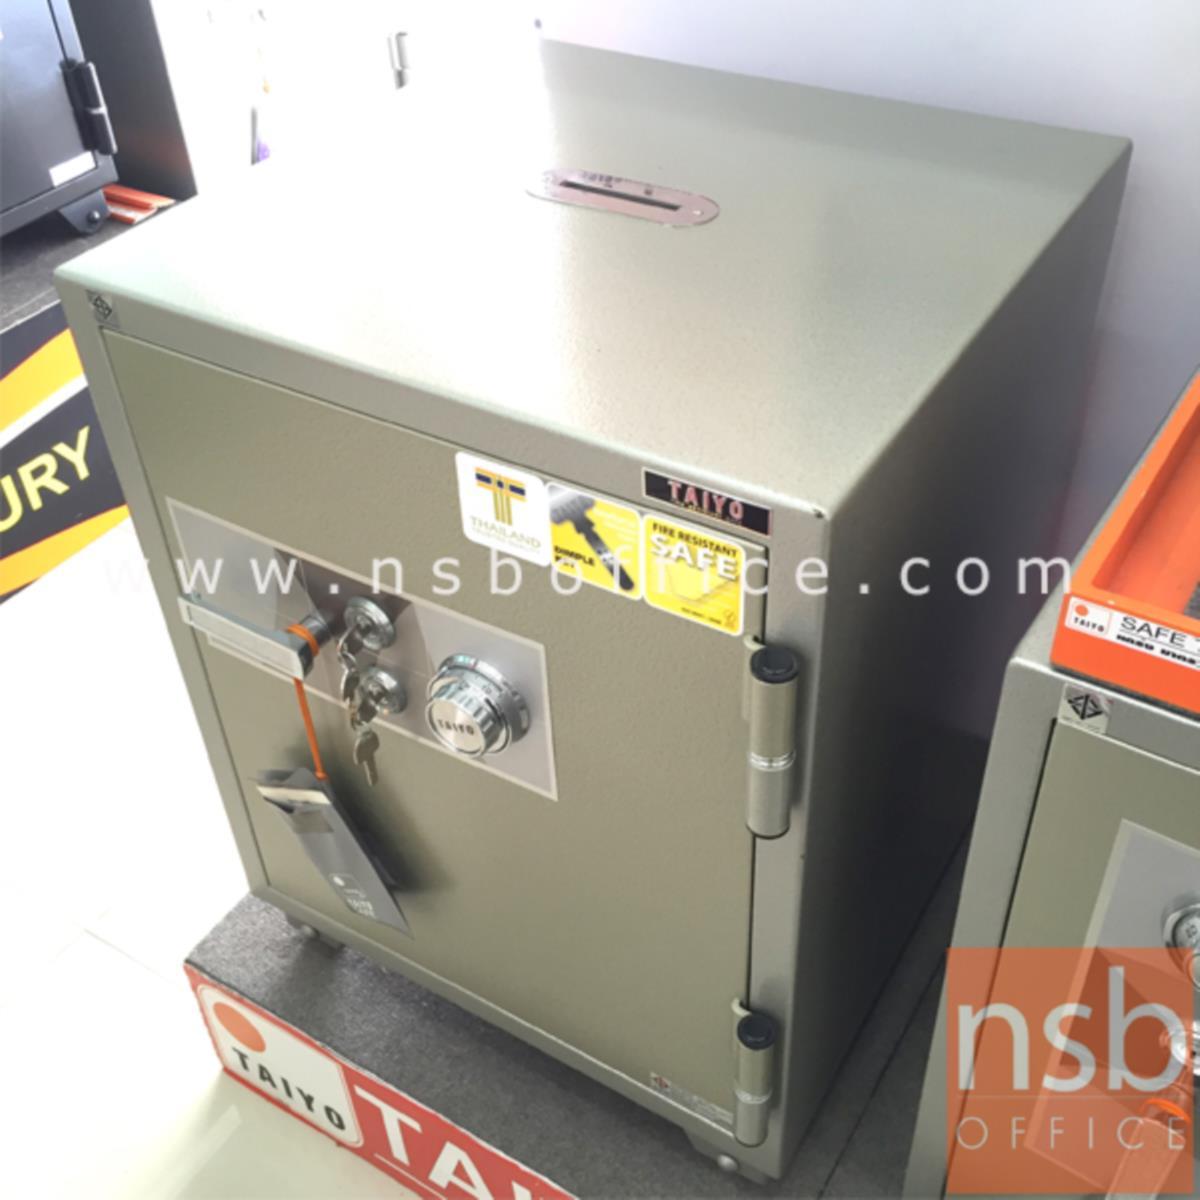 ตู้เซฟบริจาค TAIYO TS760K2C-05 มอก. 150 กก. 2 กุญแจ 1 รหัส (เจาะช่องรับบริจาค 10 cm ด้านบน)